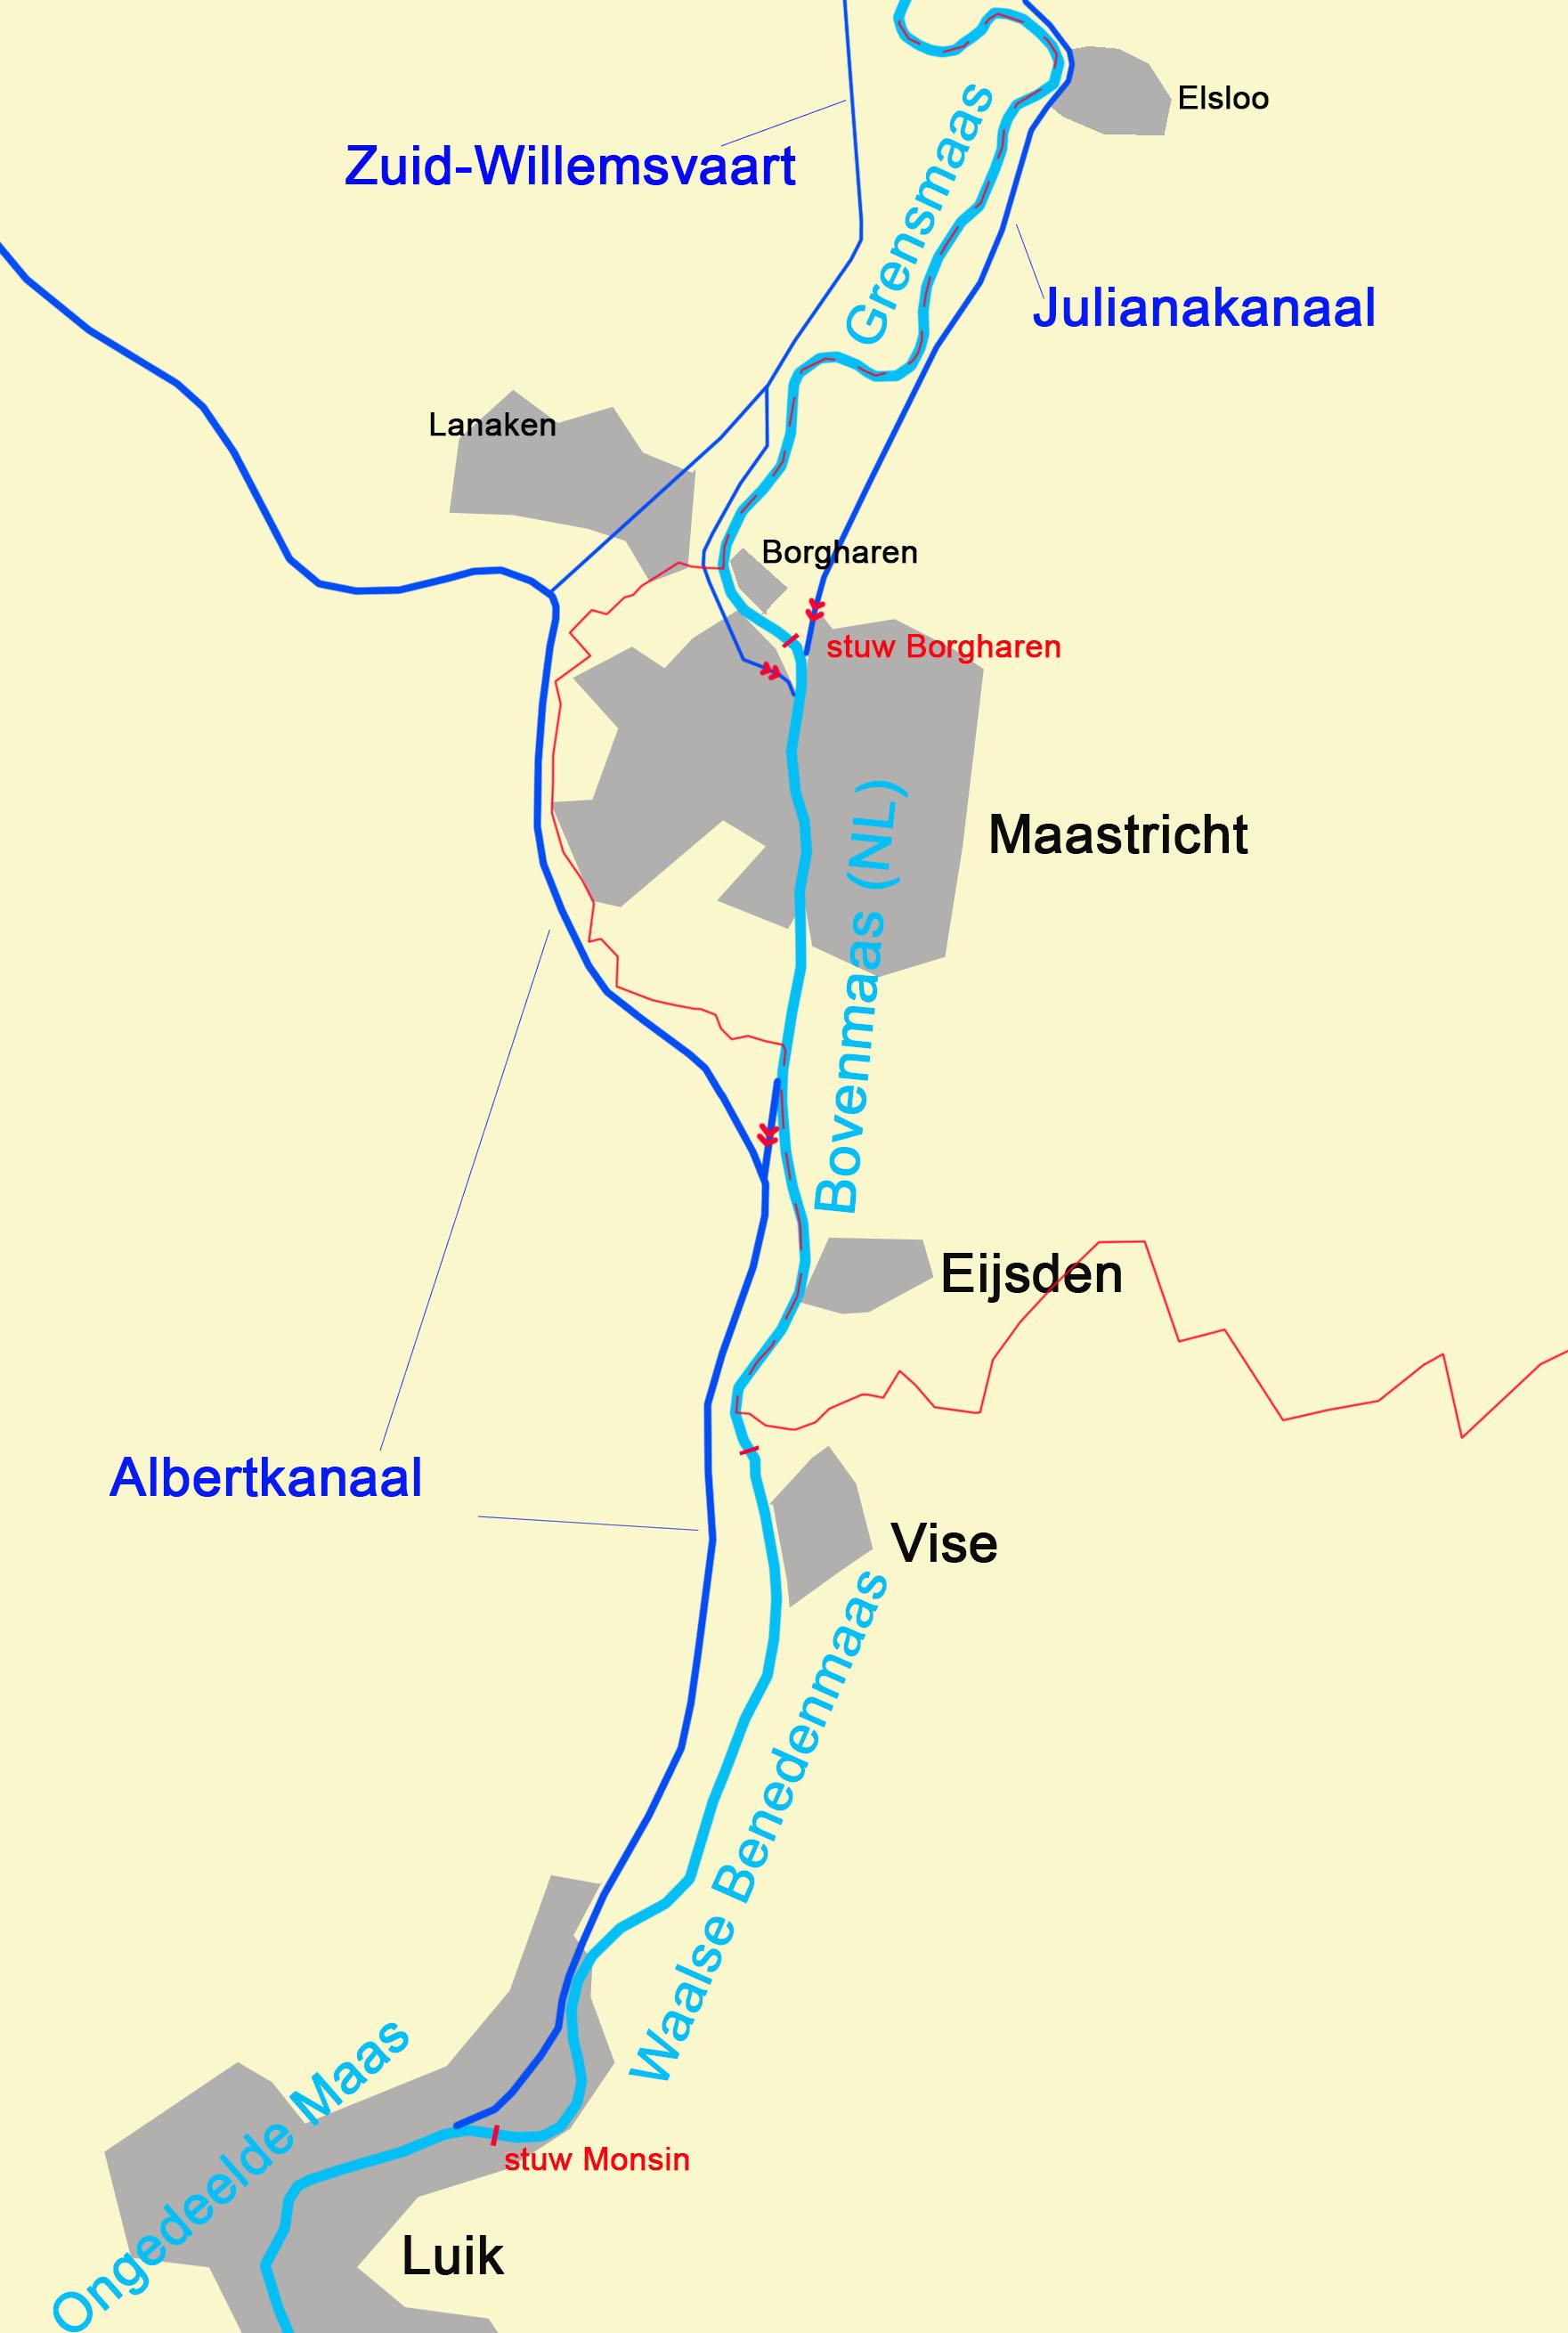 Kaart van de Maas tussen Luik en Maastricht met daarin aangegeven de ligging van de kanalen die een deel van het Maaswater afvoeren.